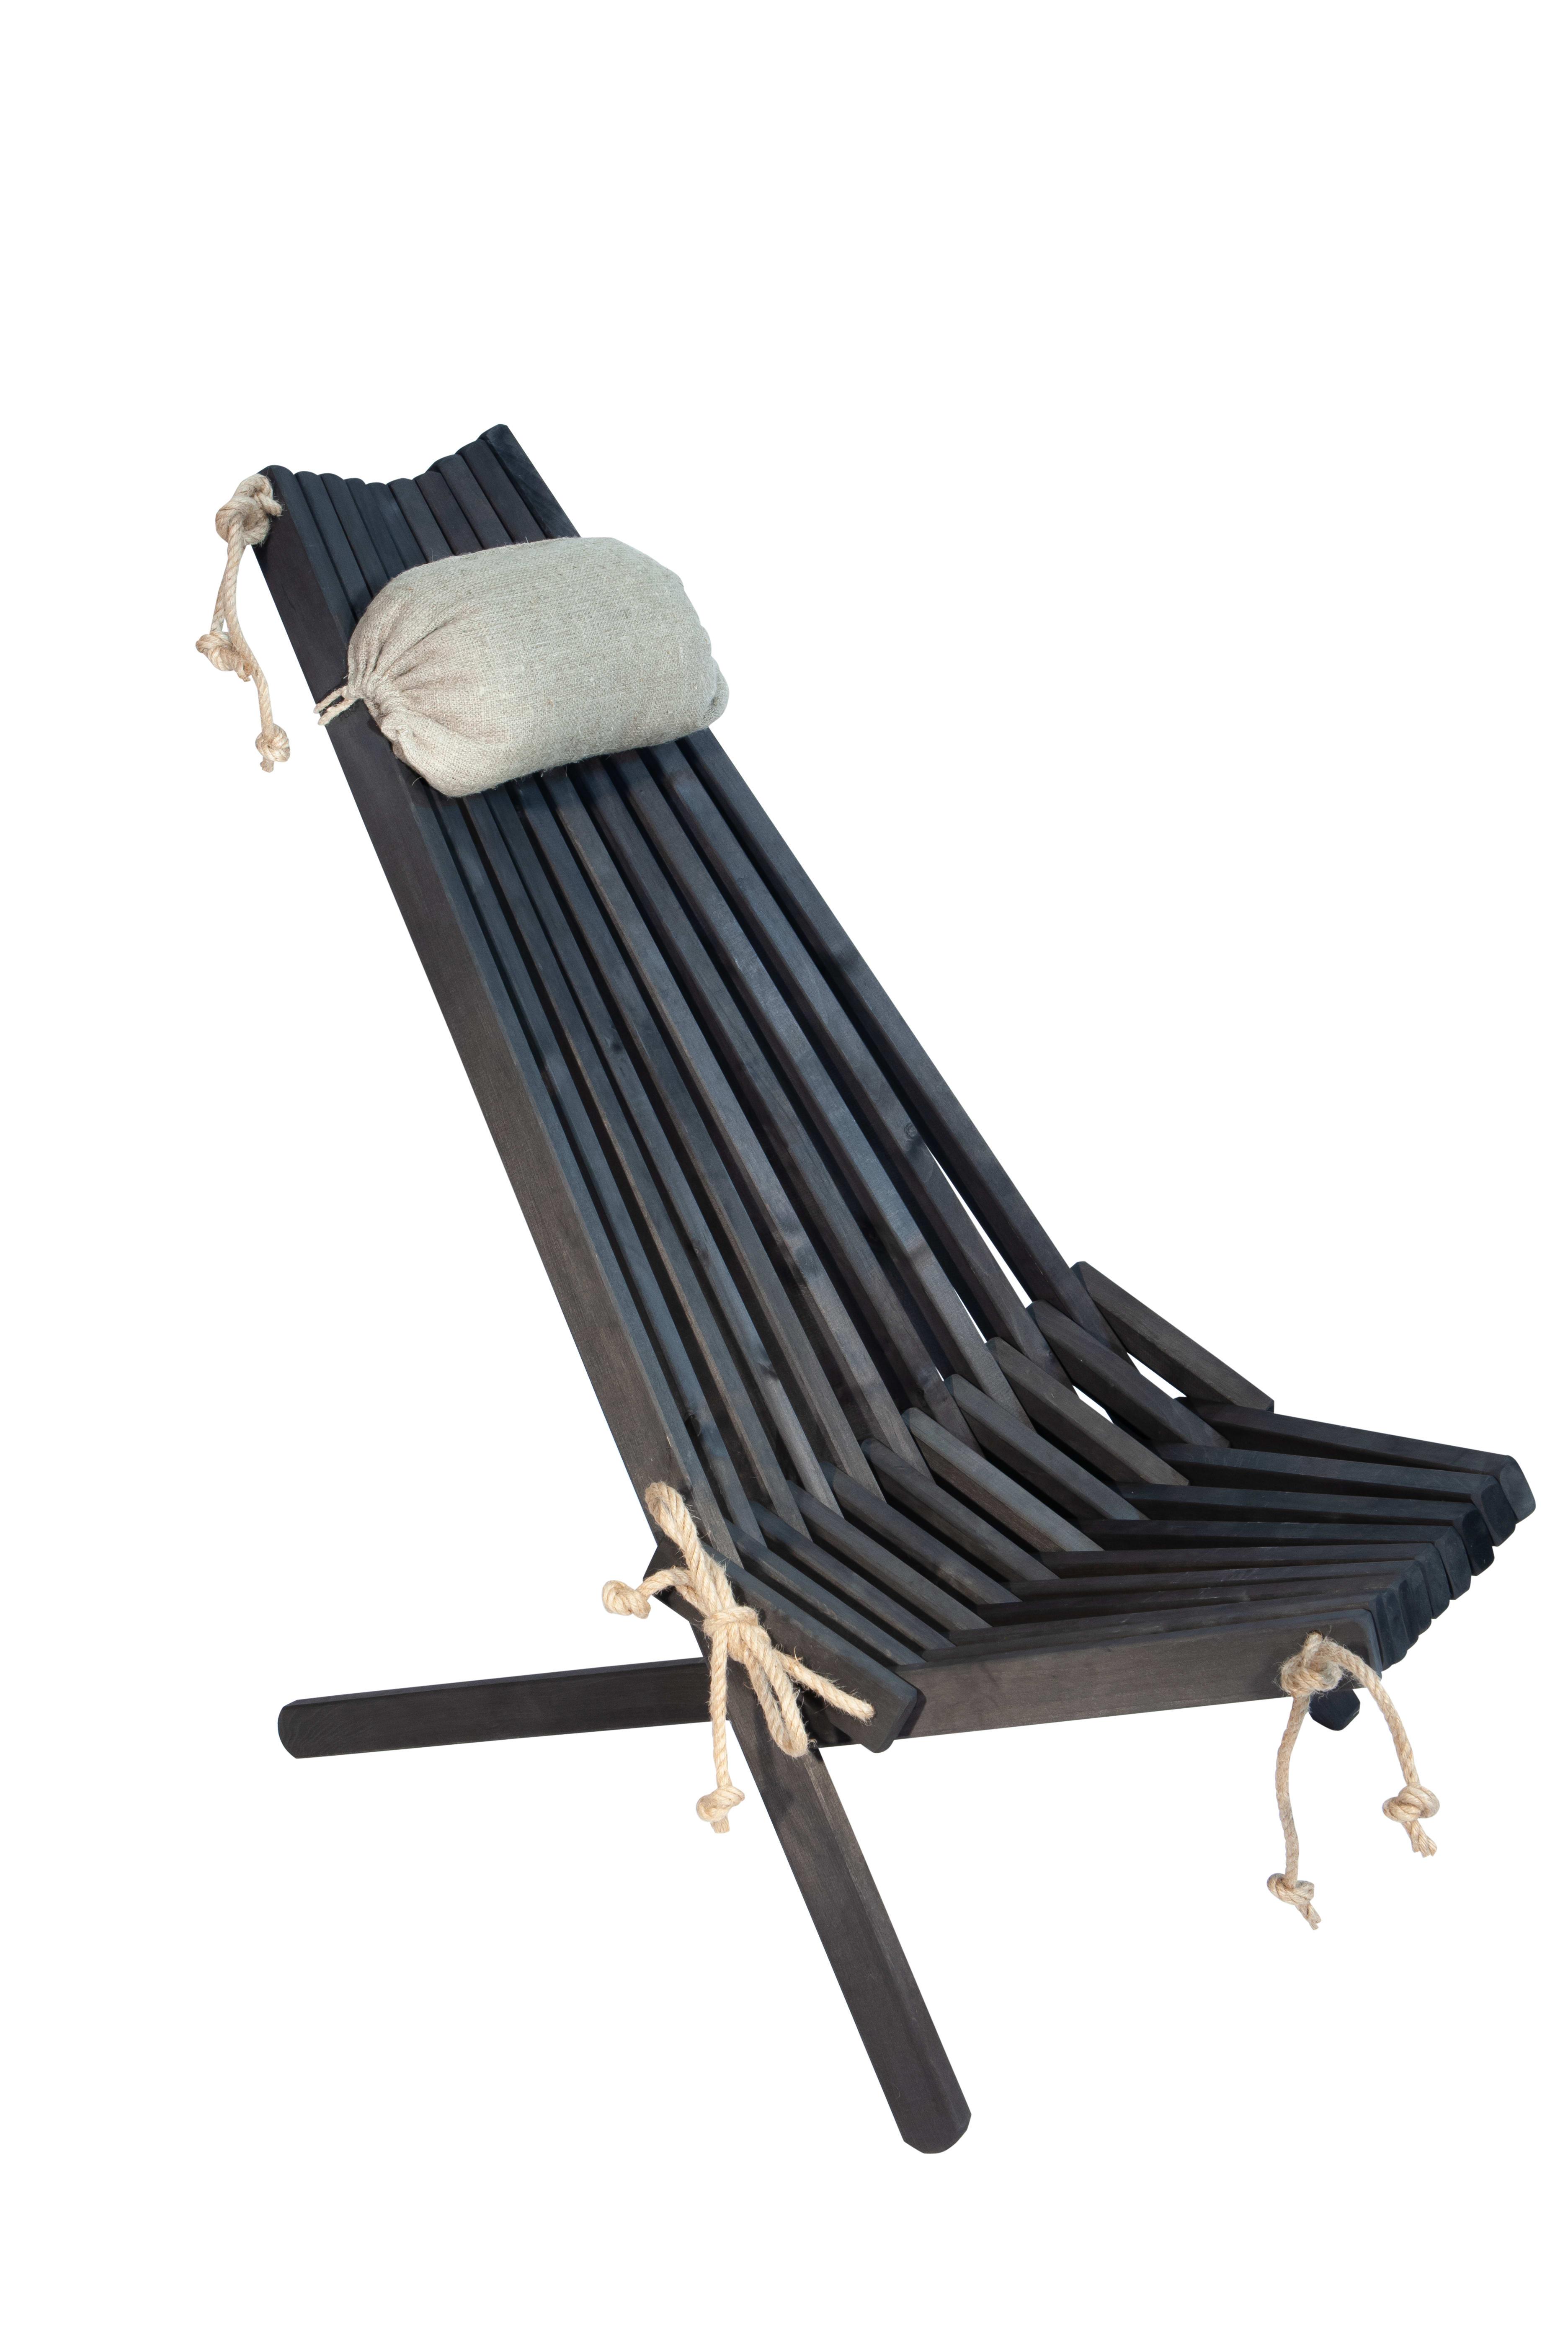 Chilienne pliante en aulne massif huilée noire avec coussin